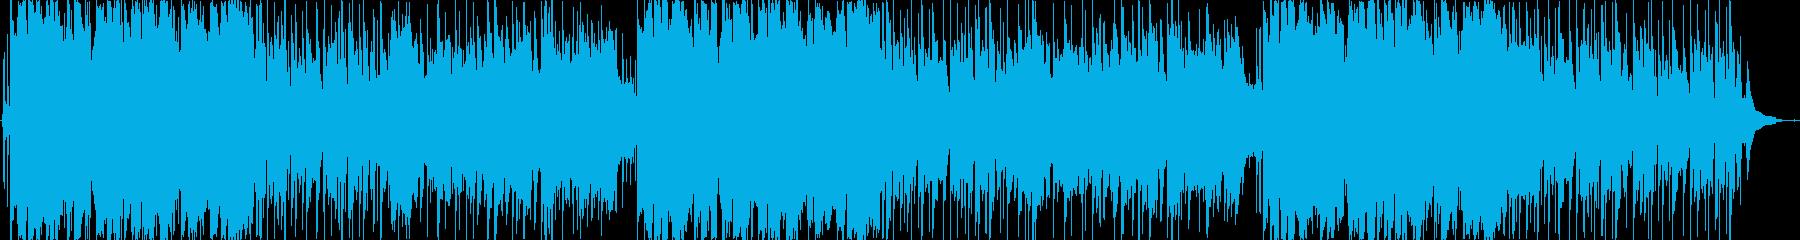 ほのぼの、軽快(ラウンジ系)明るめの再生済みの波形